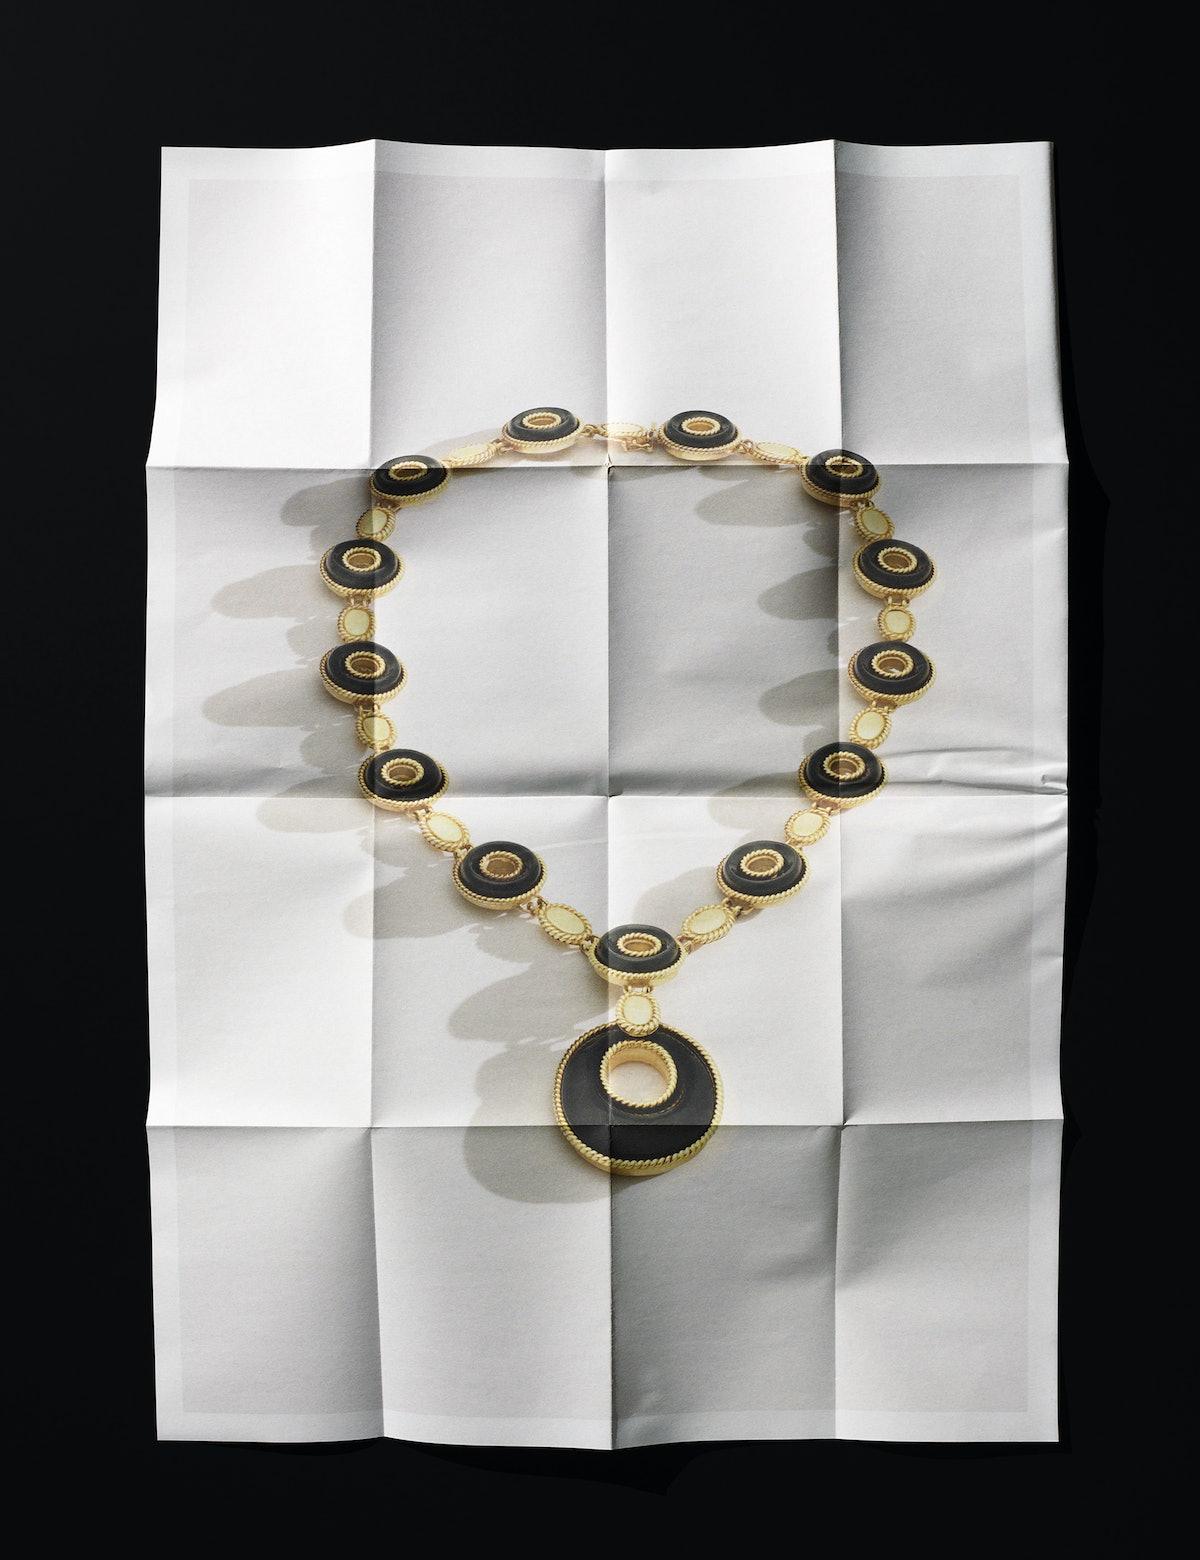 Van Cleef & Arpels necklace.